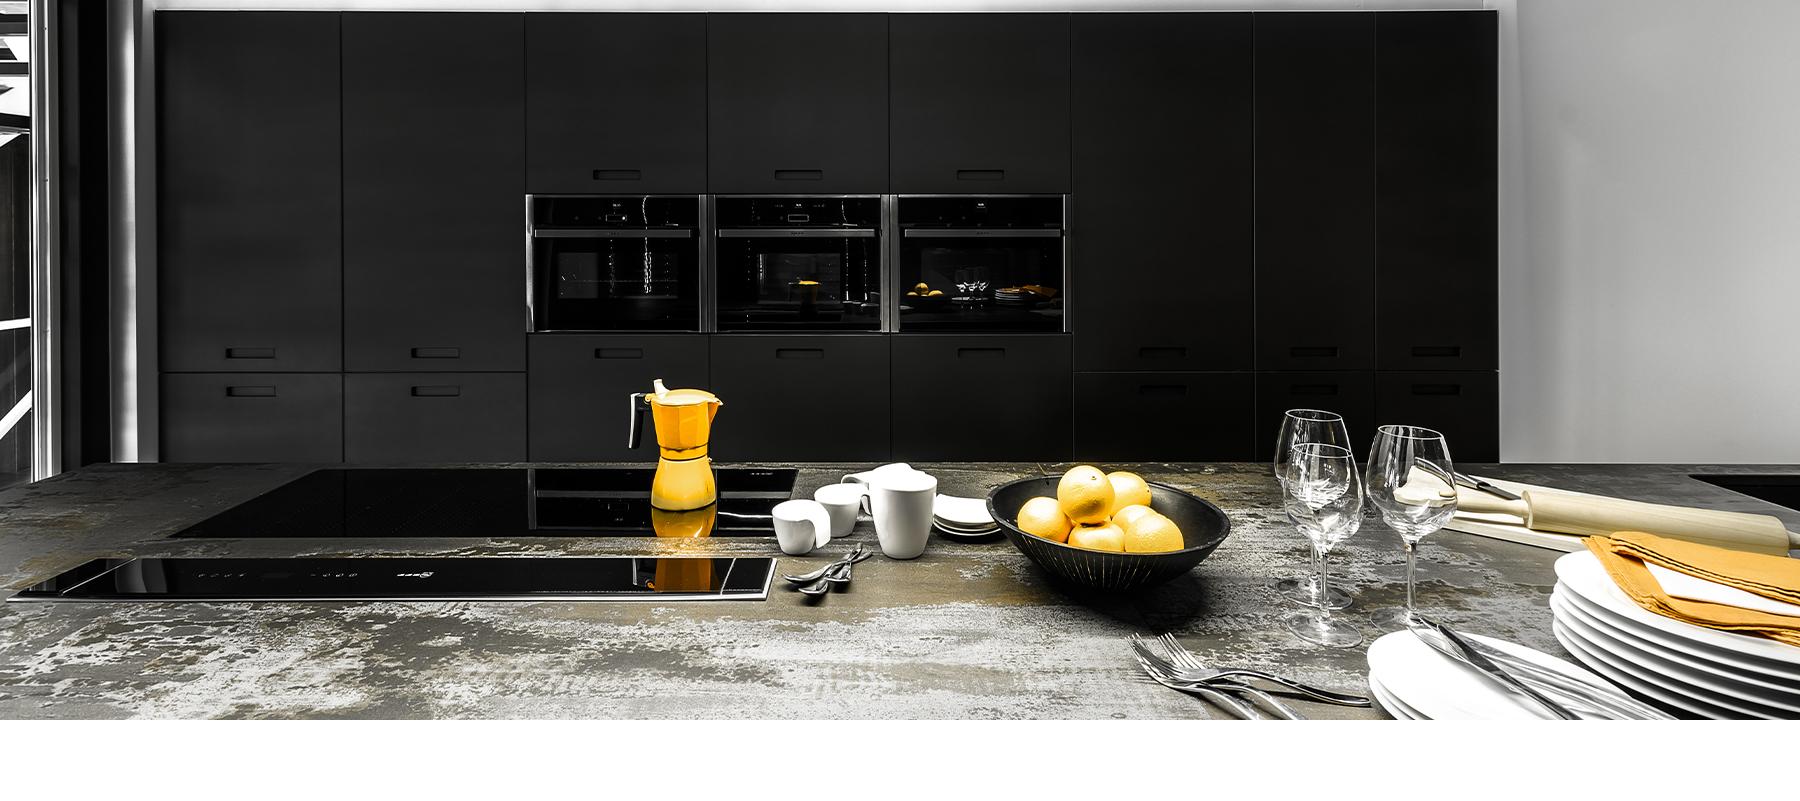 Marques de cuisines design moderne vintages aux influences scandinave intérieur littoz annecy